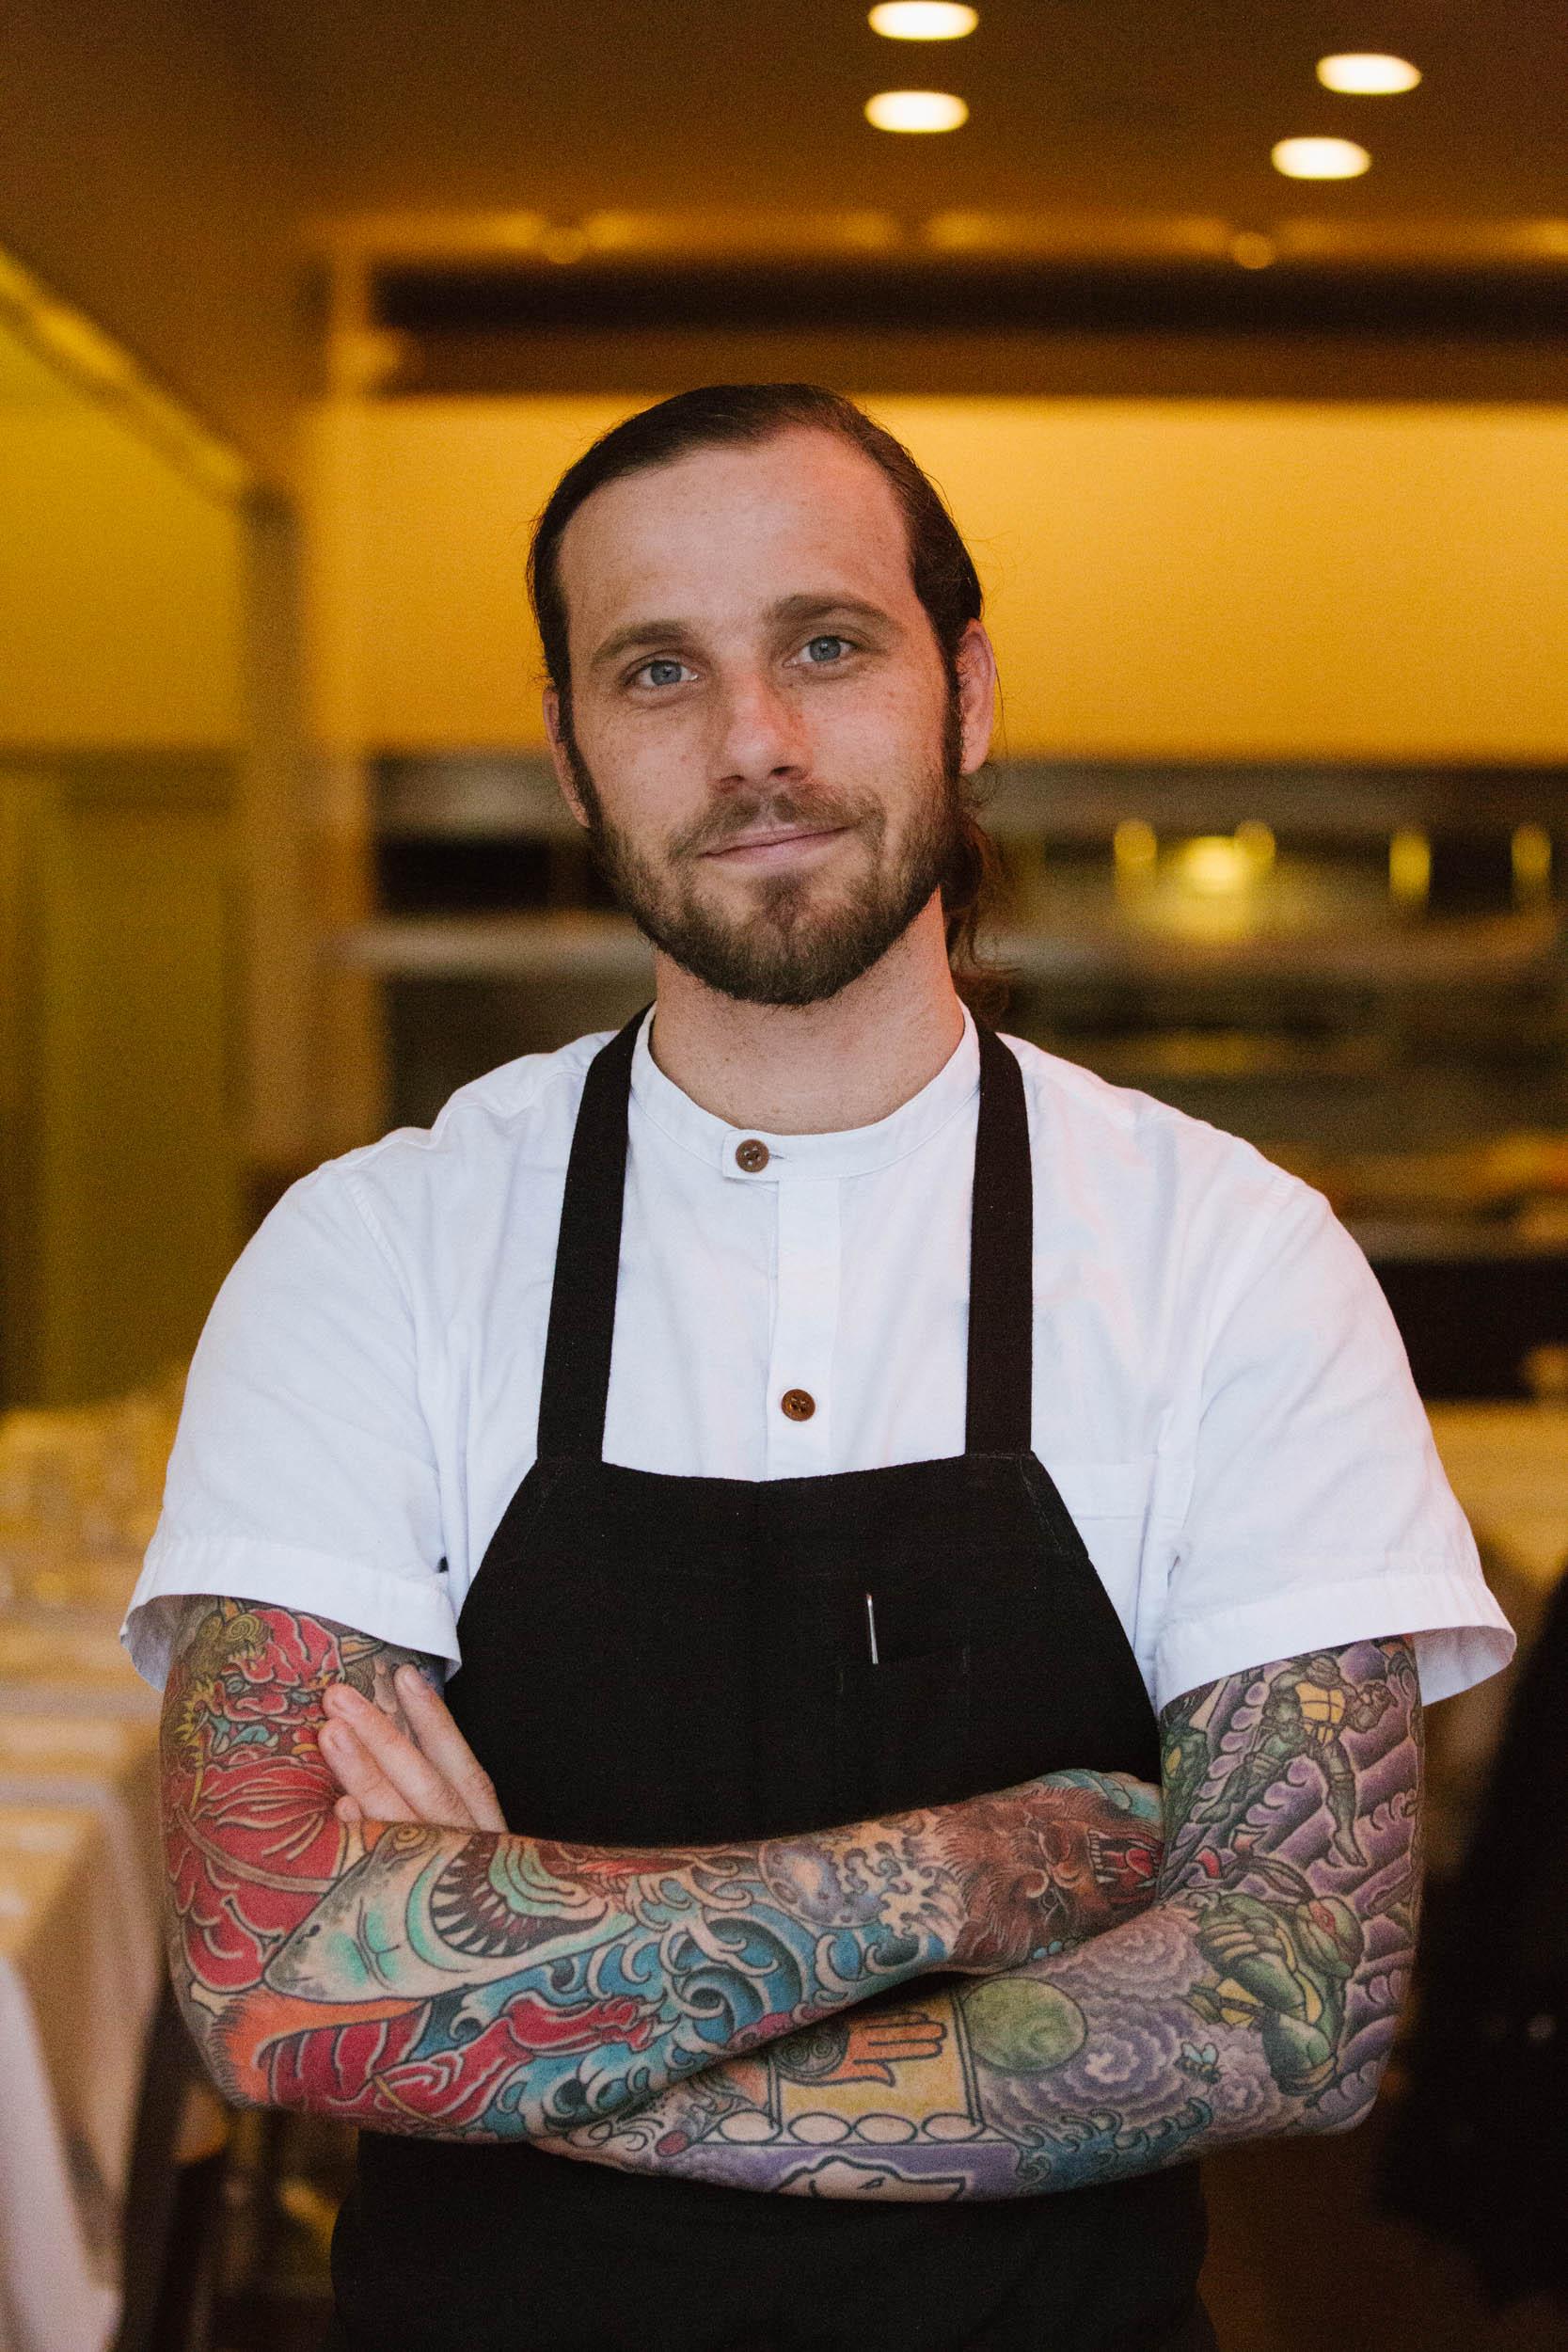 Ryan Pfeiffer